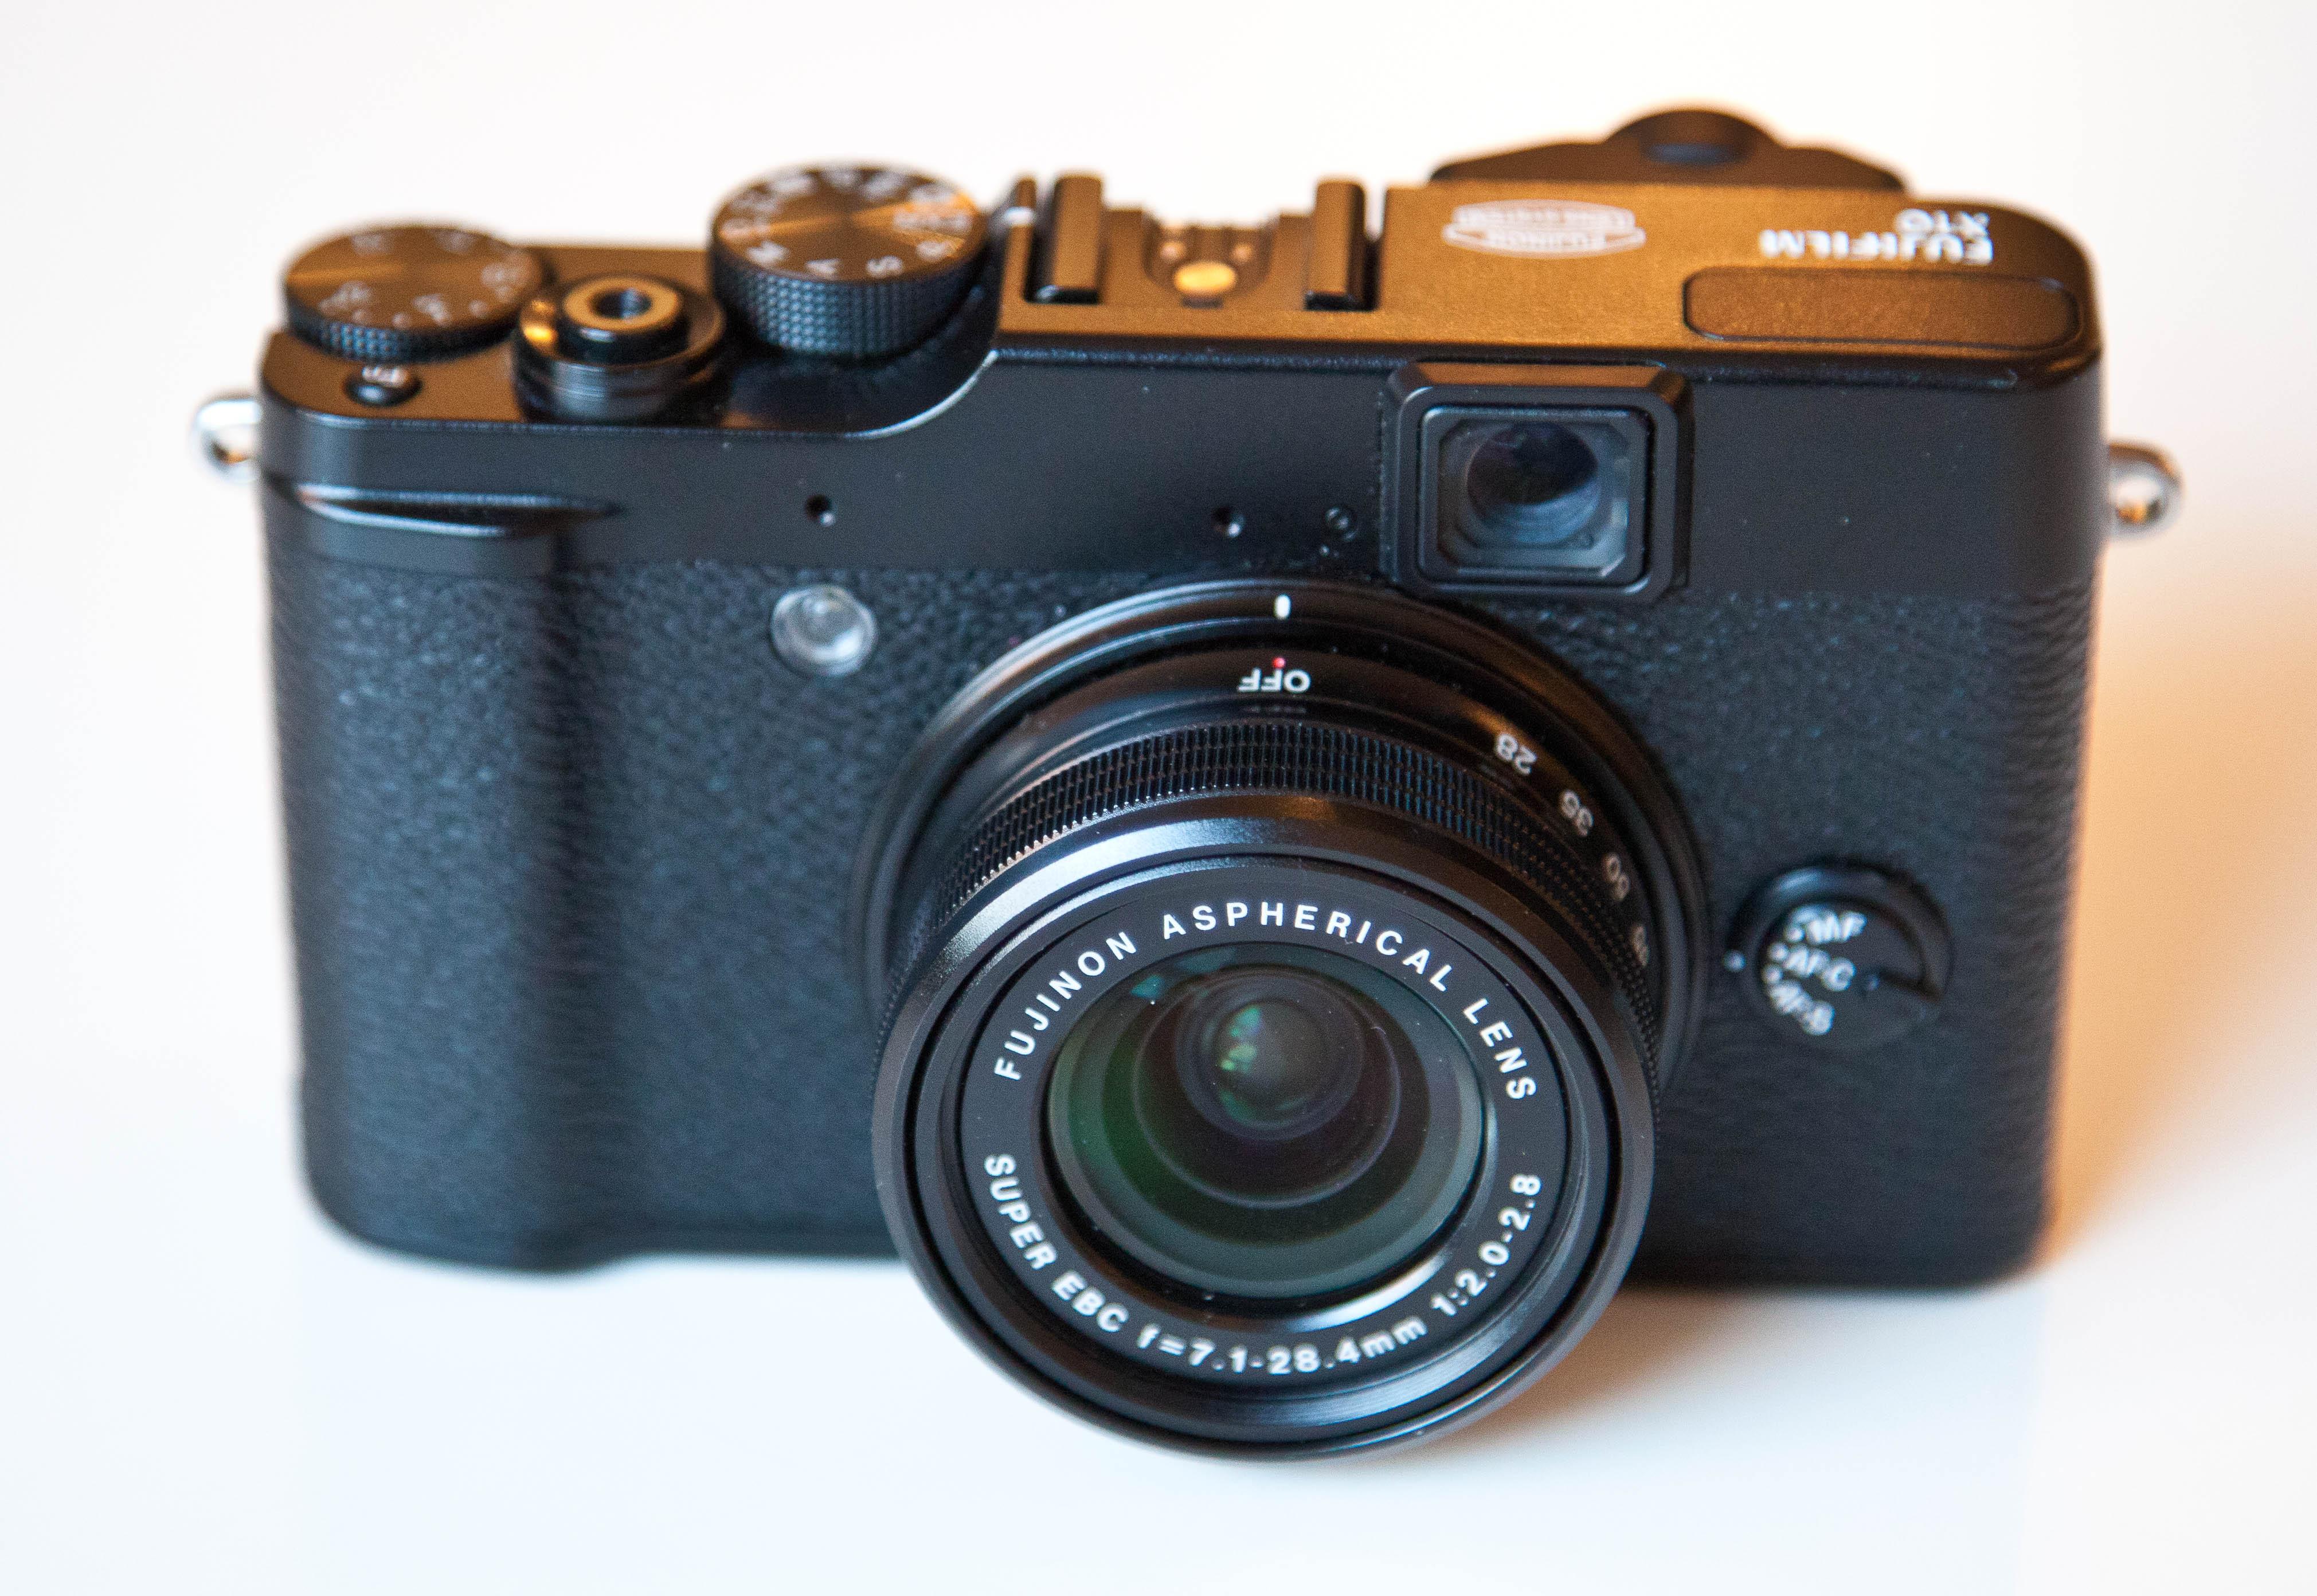 Lekkert Og Imponerende Kompaktkamera Fra Fujifilm